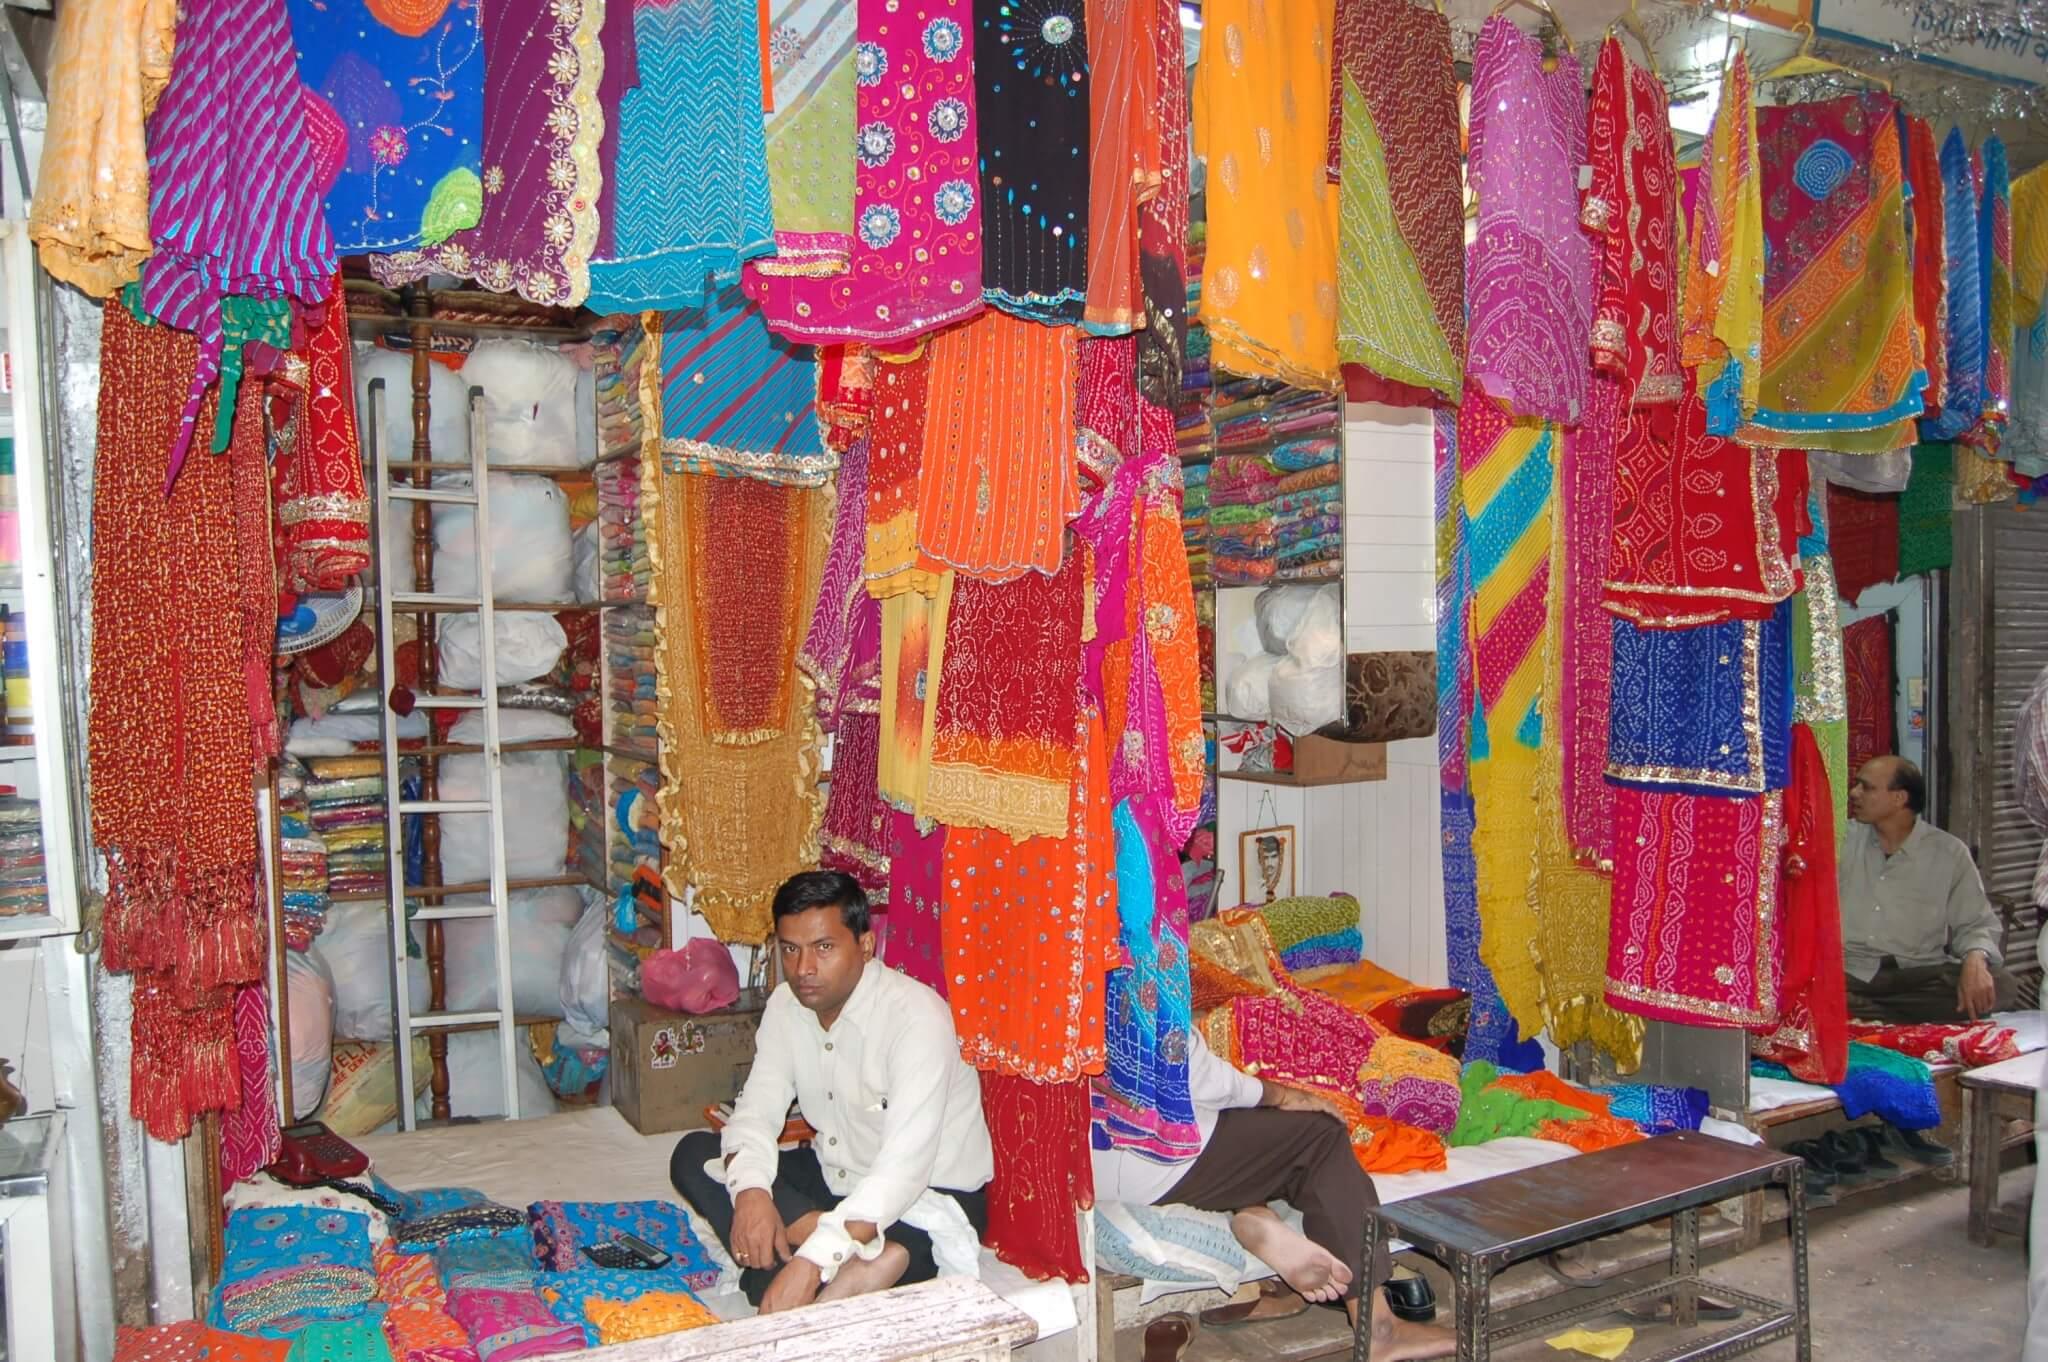 Sari Donde comprar un sari, Delhi